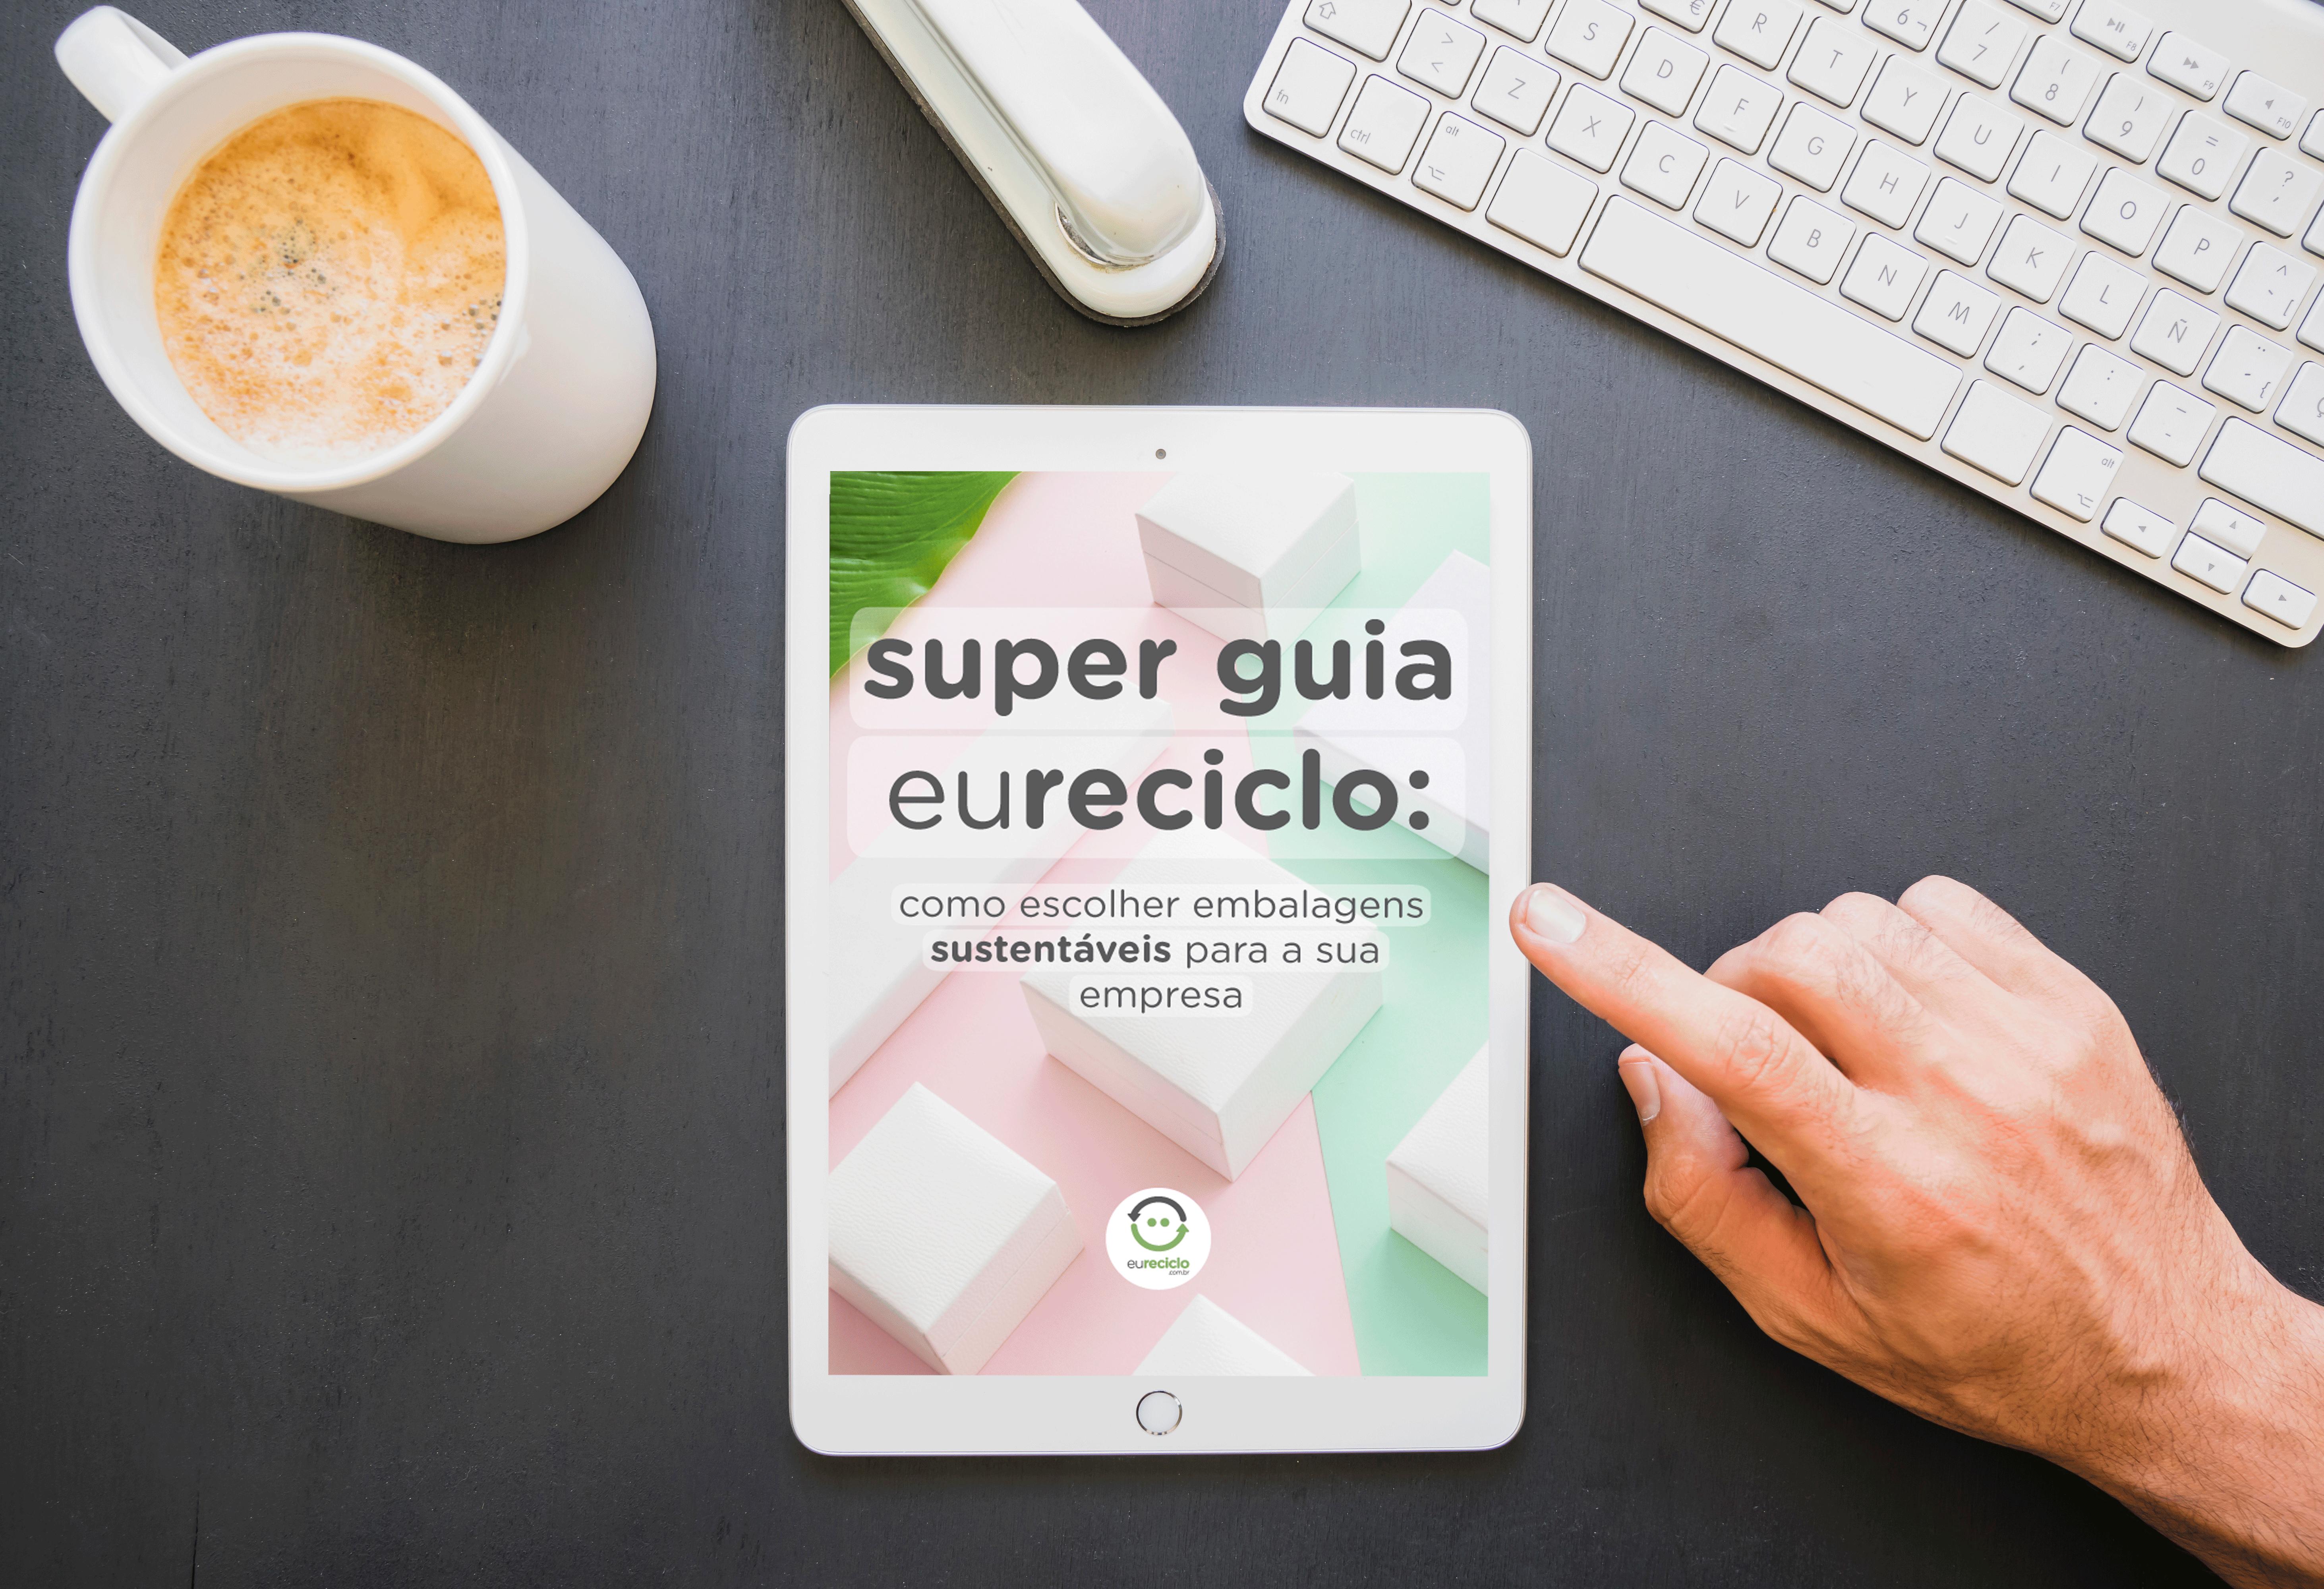 [EBOOK GRATUITO] Super Guia eureciclo: Como escolher embalagens sustentáveis para sua empresa